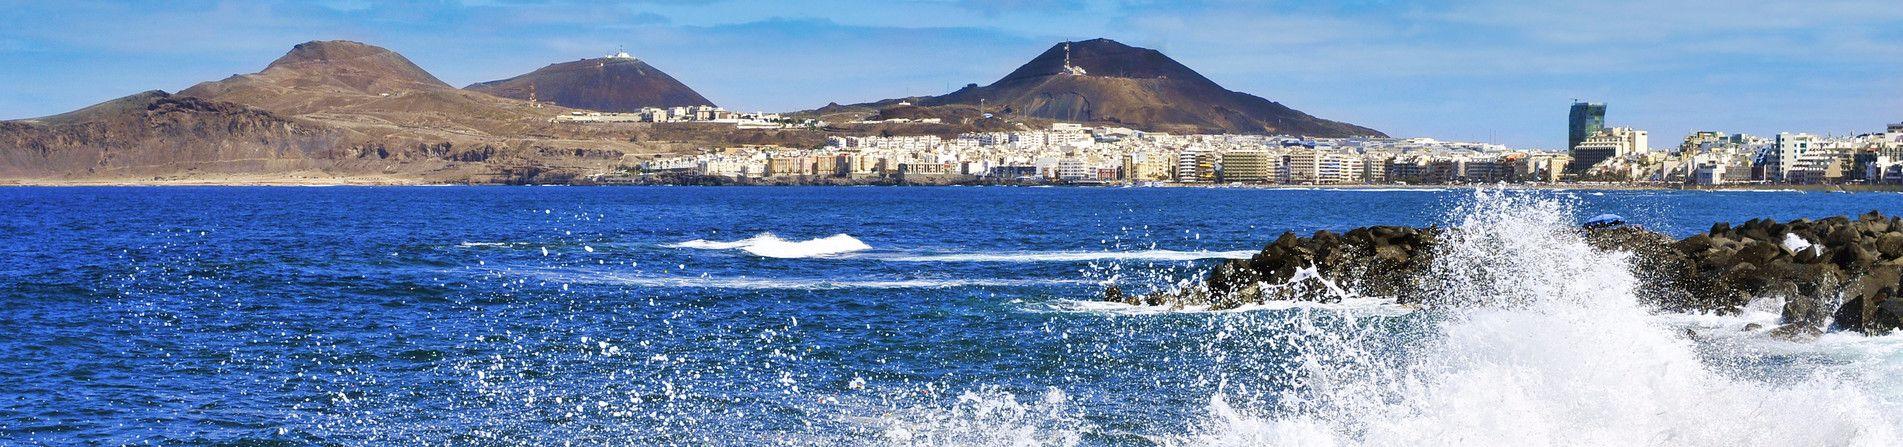 Islas Canarias y Atlántico